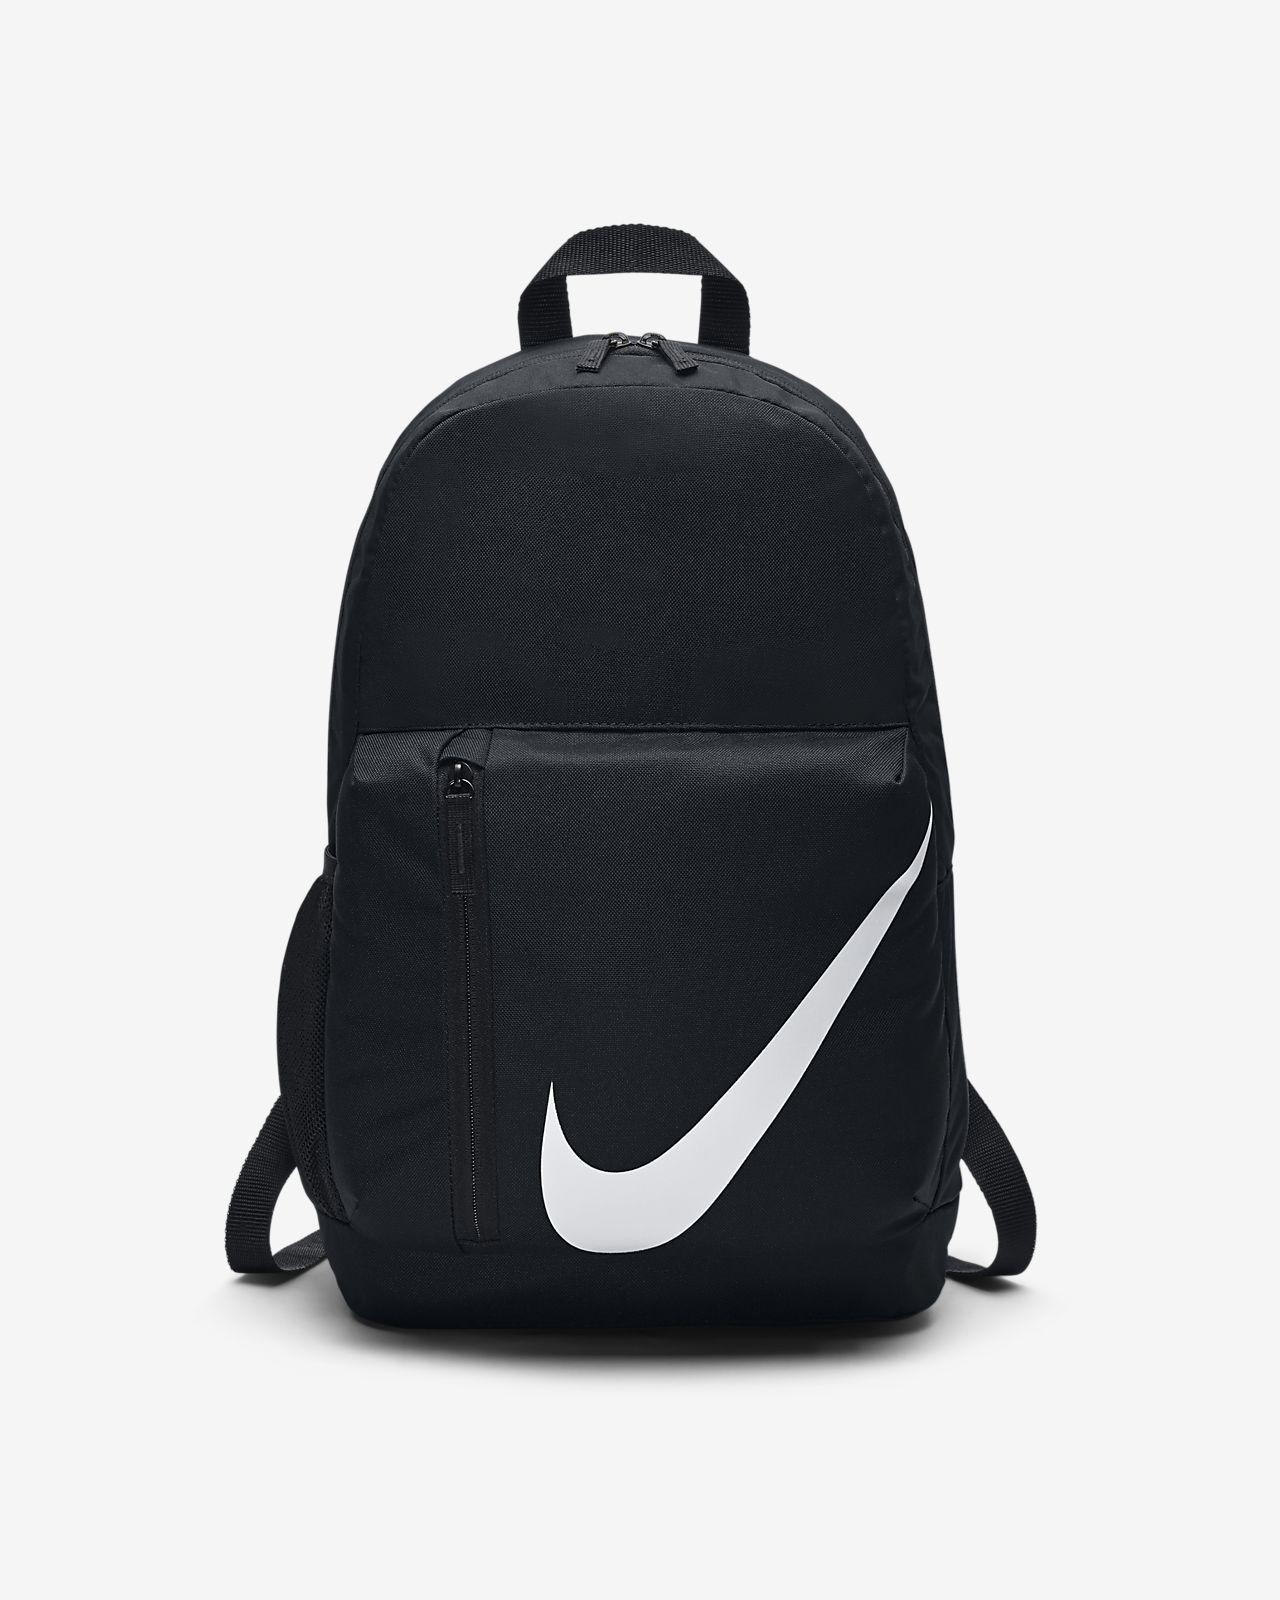 Zaino Nike - Bambini